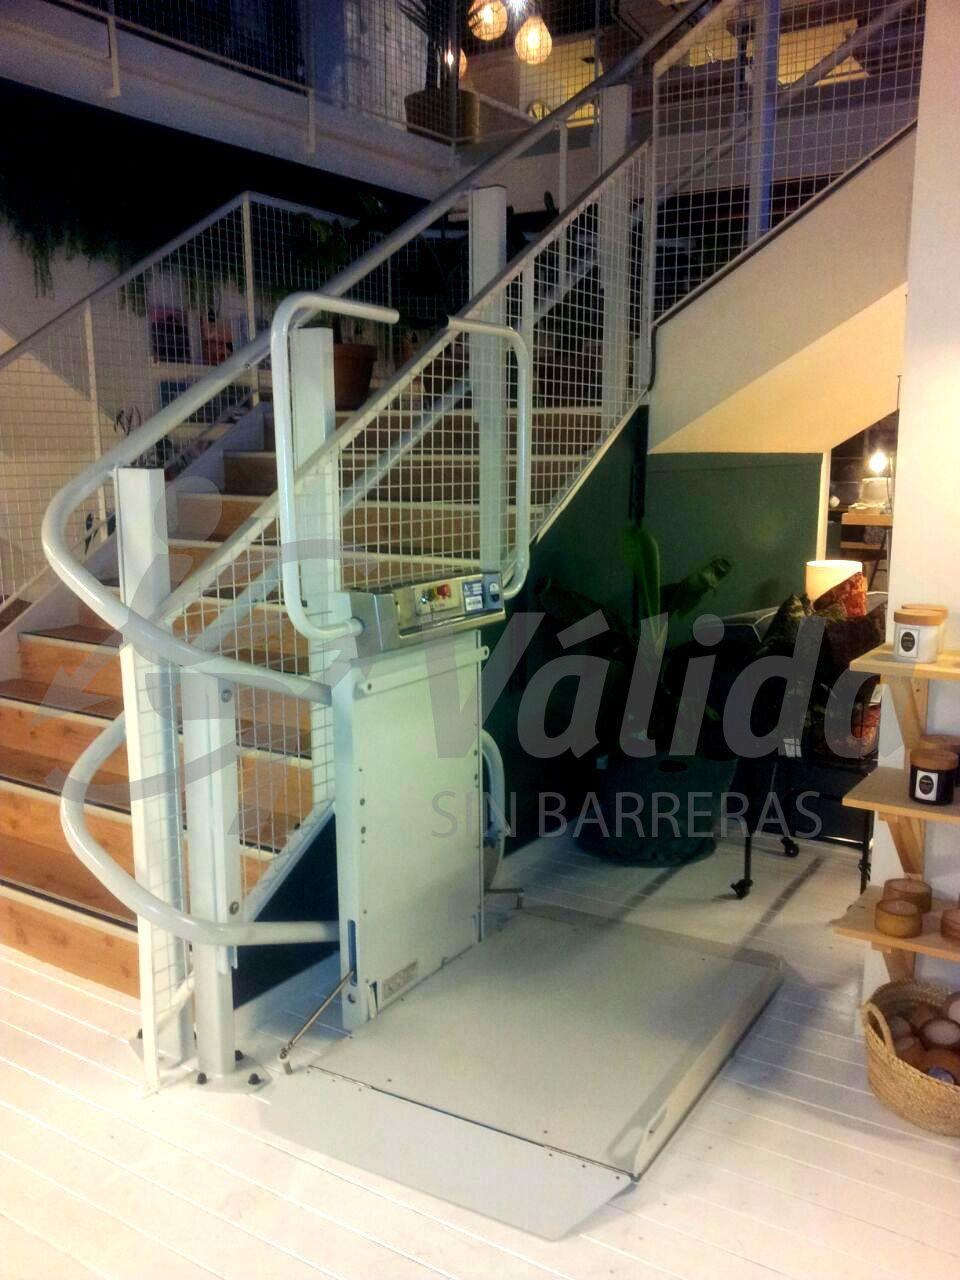 DÉCOR plataforma salvaescaleras instalada en interior. Vista de la plataforma abierta en la planta baja de una tienda de Barcelona.